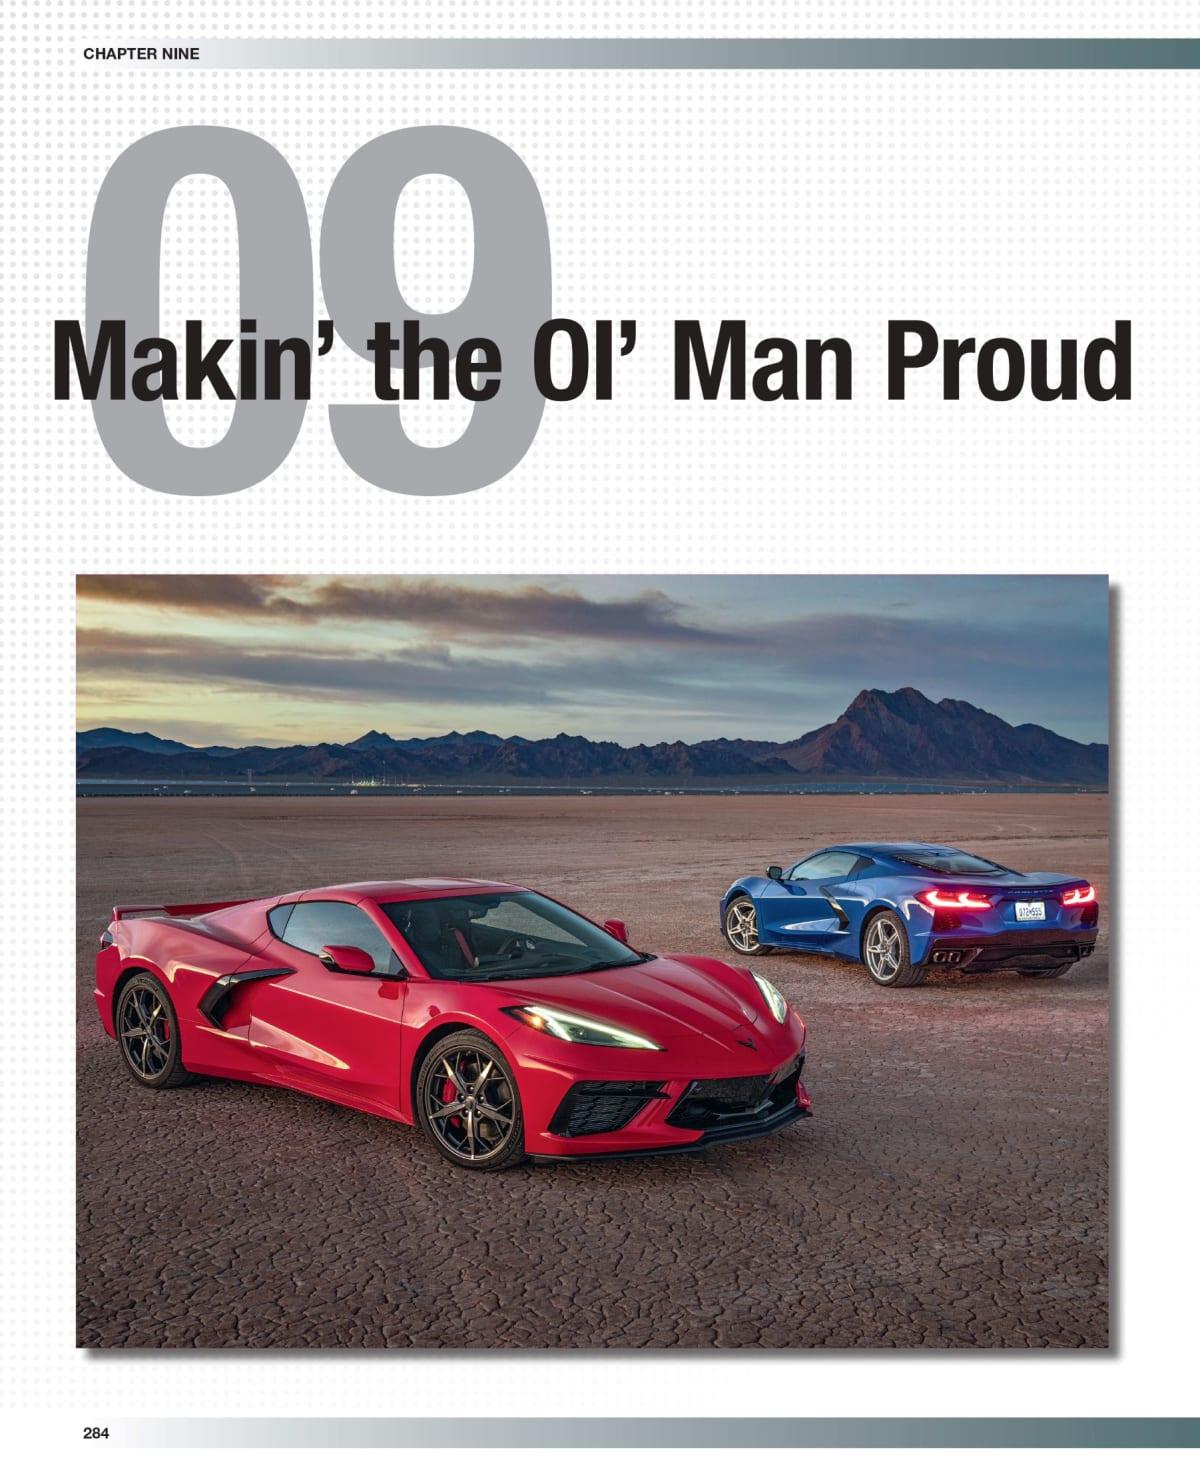 Photo courtesy of Motorbooks, 2020